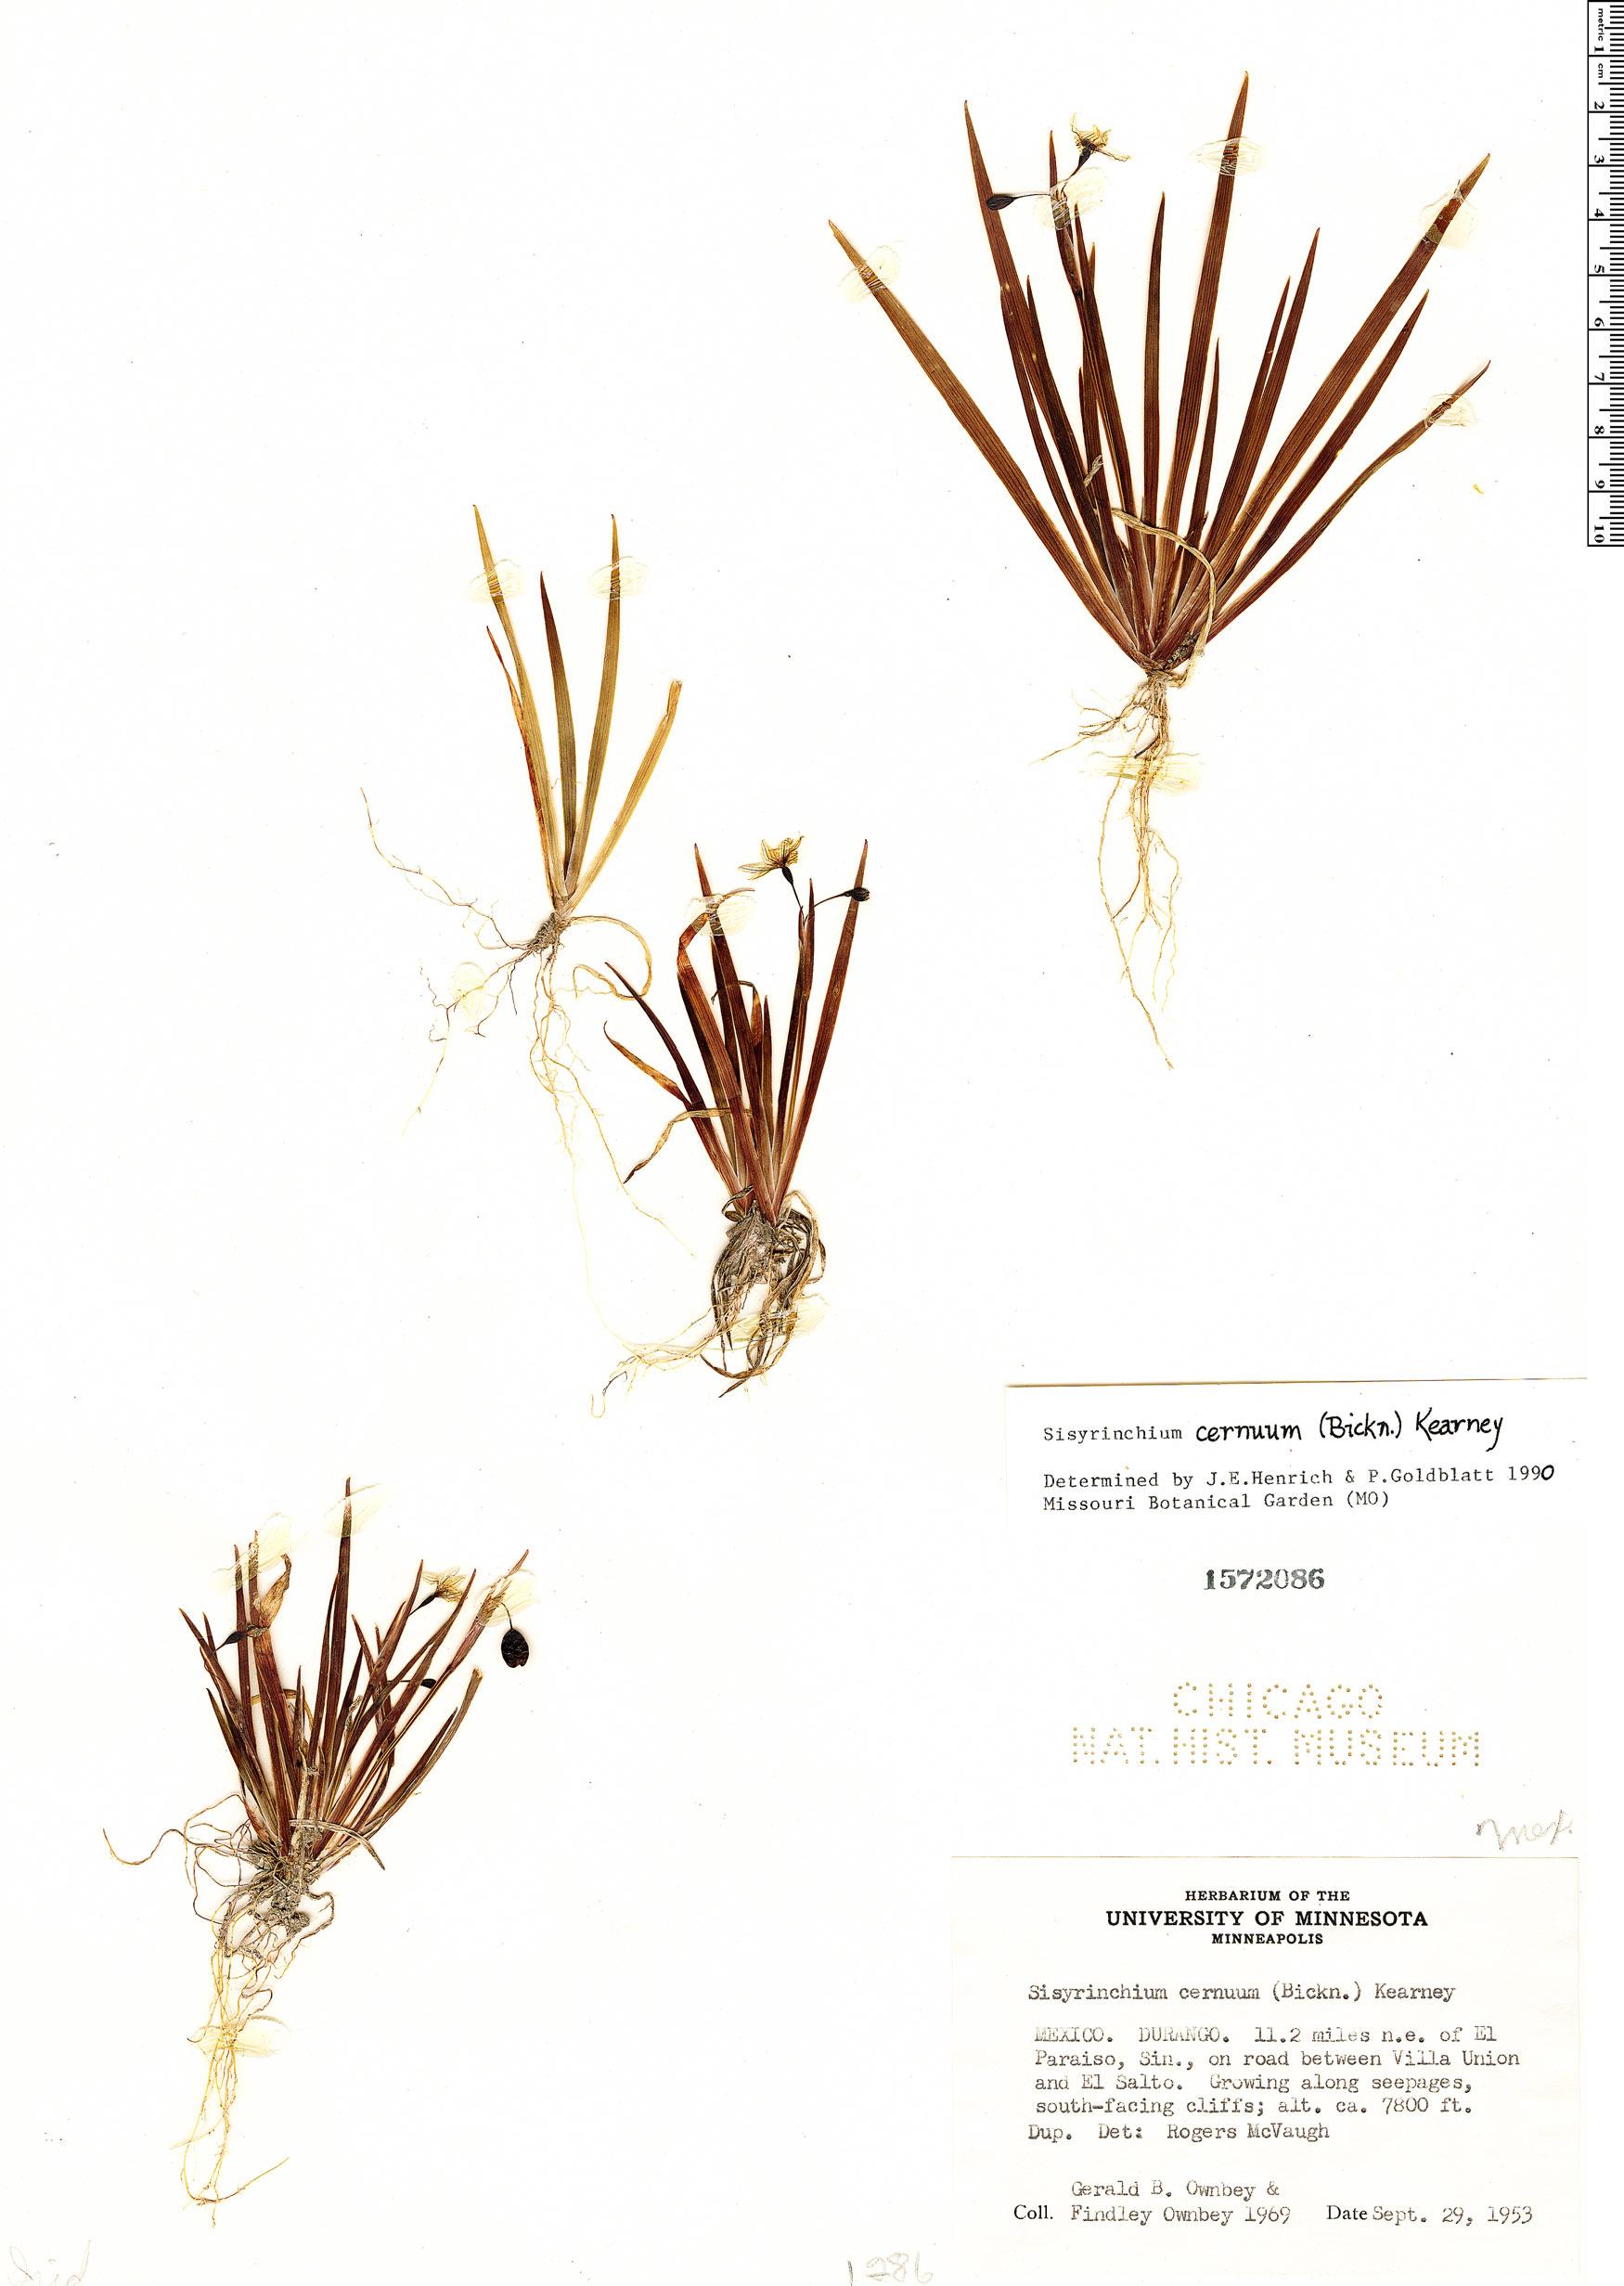 Sisyrinchium cernuum image